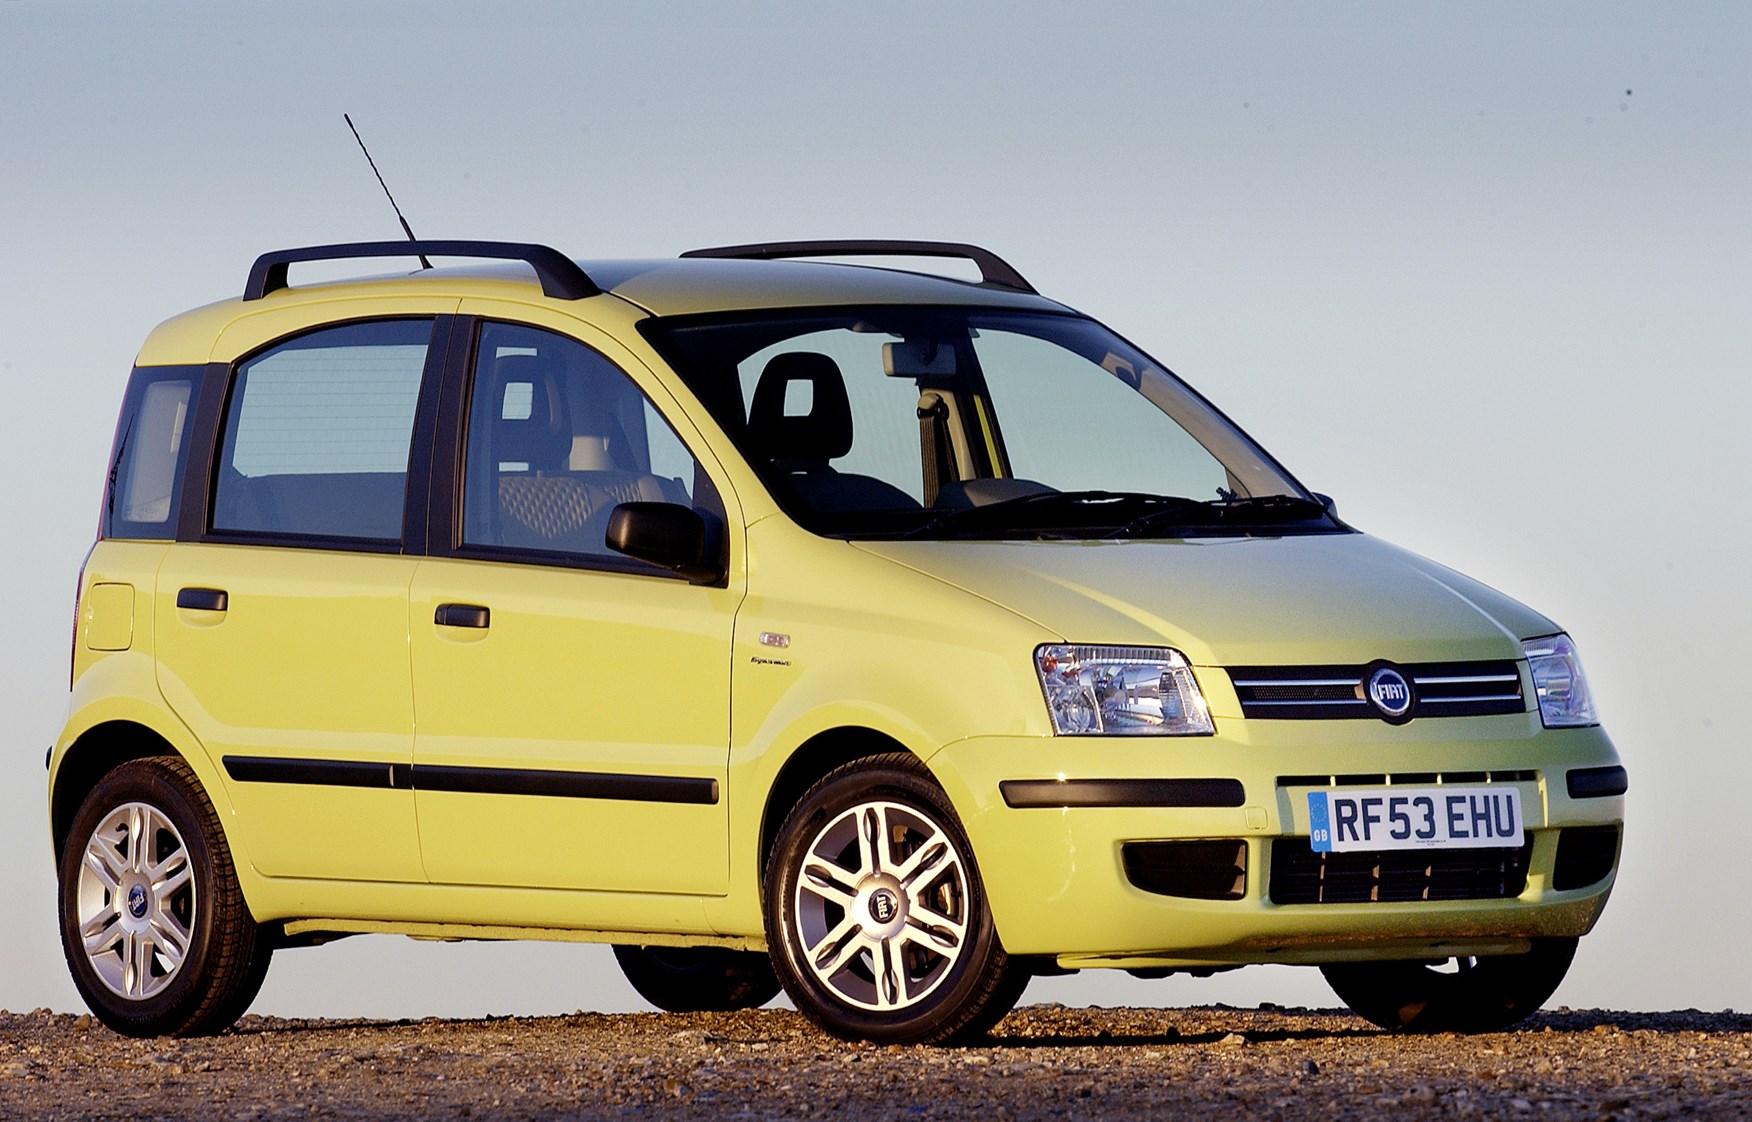 Fiat Panda Hatchback Review (2004 - 2011) | Parkers